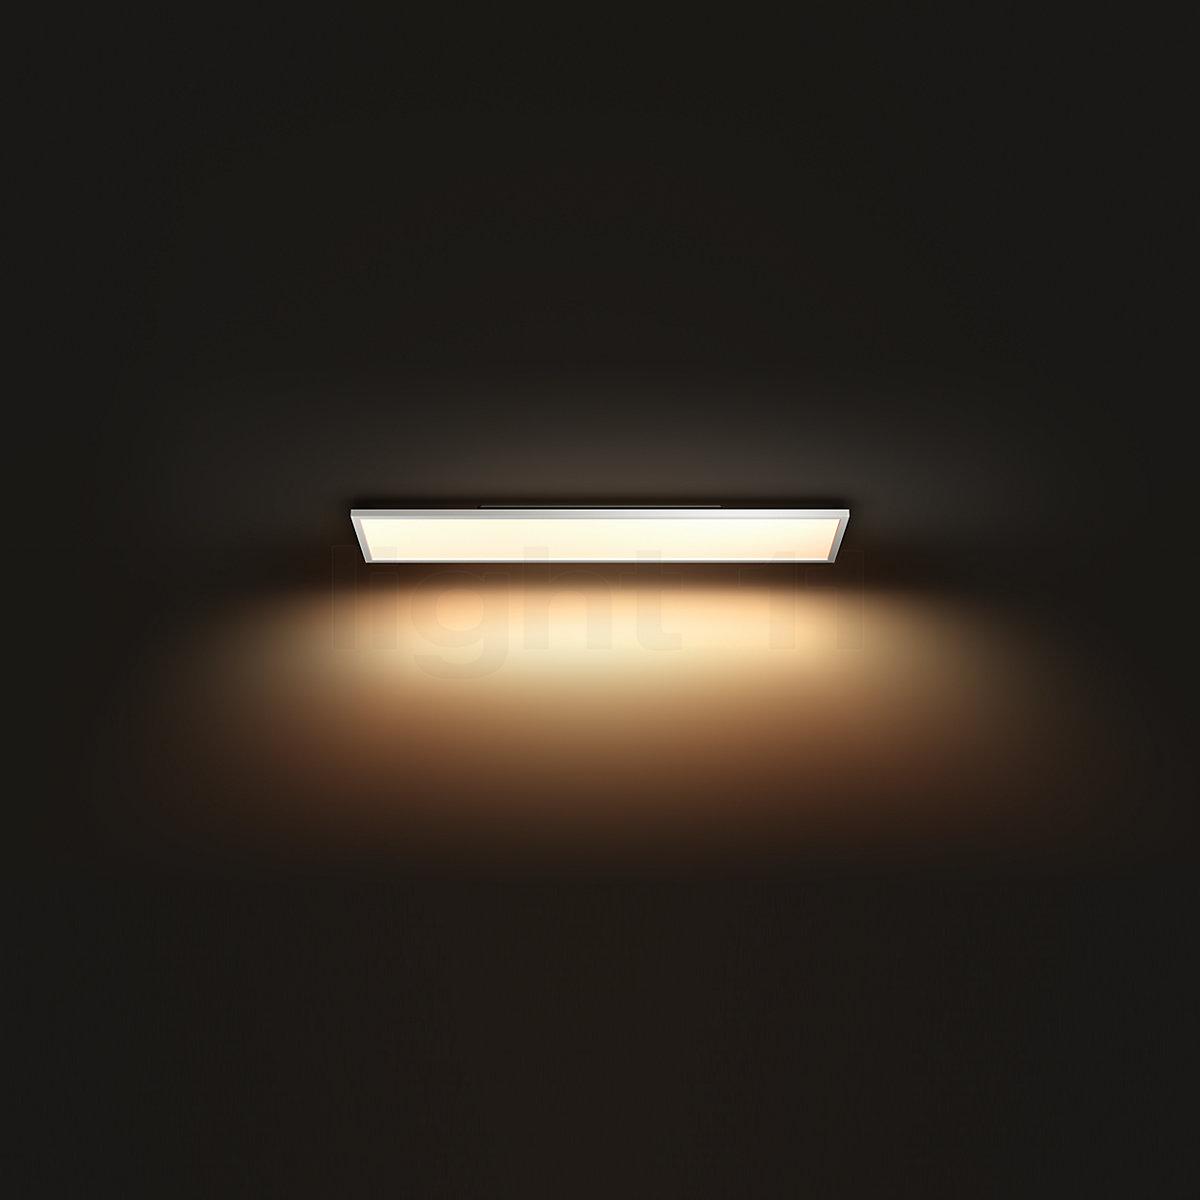 ersatzteile für led lampen rechteckig